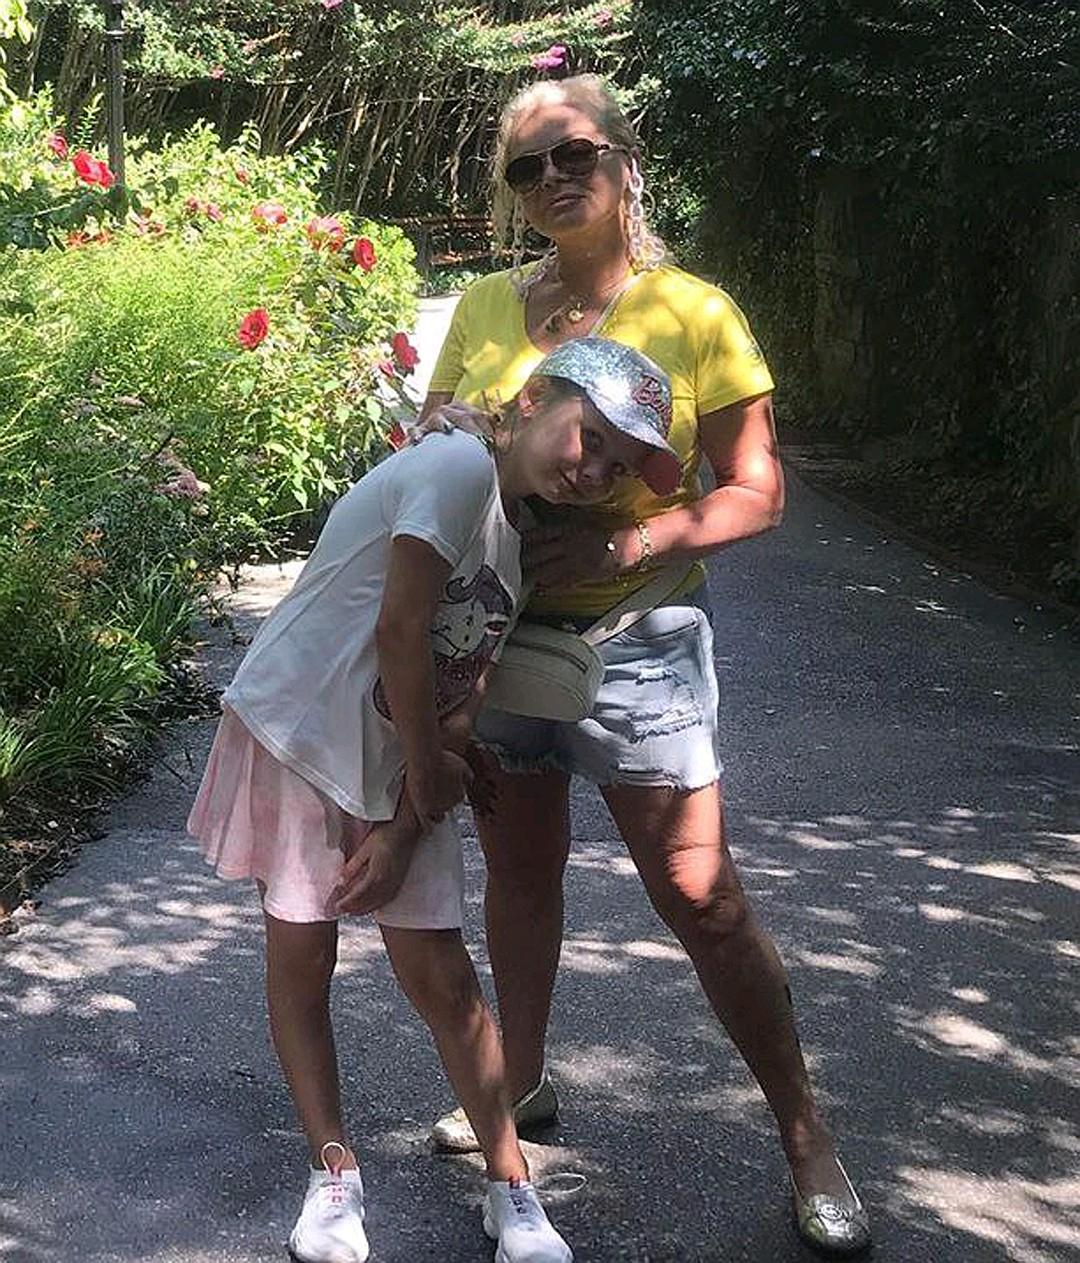 Отдыхающая в США Лариса Долина ходит в дерзких мини-шортах и с татуировкой звезда,Лариса Долина,наши звезды,новости,развлечение,фото,шоубиz,шоубиз